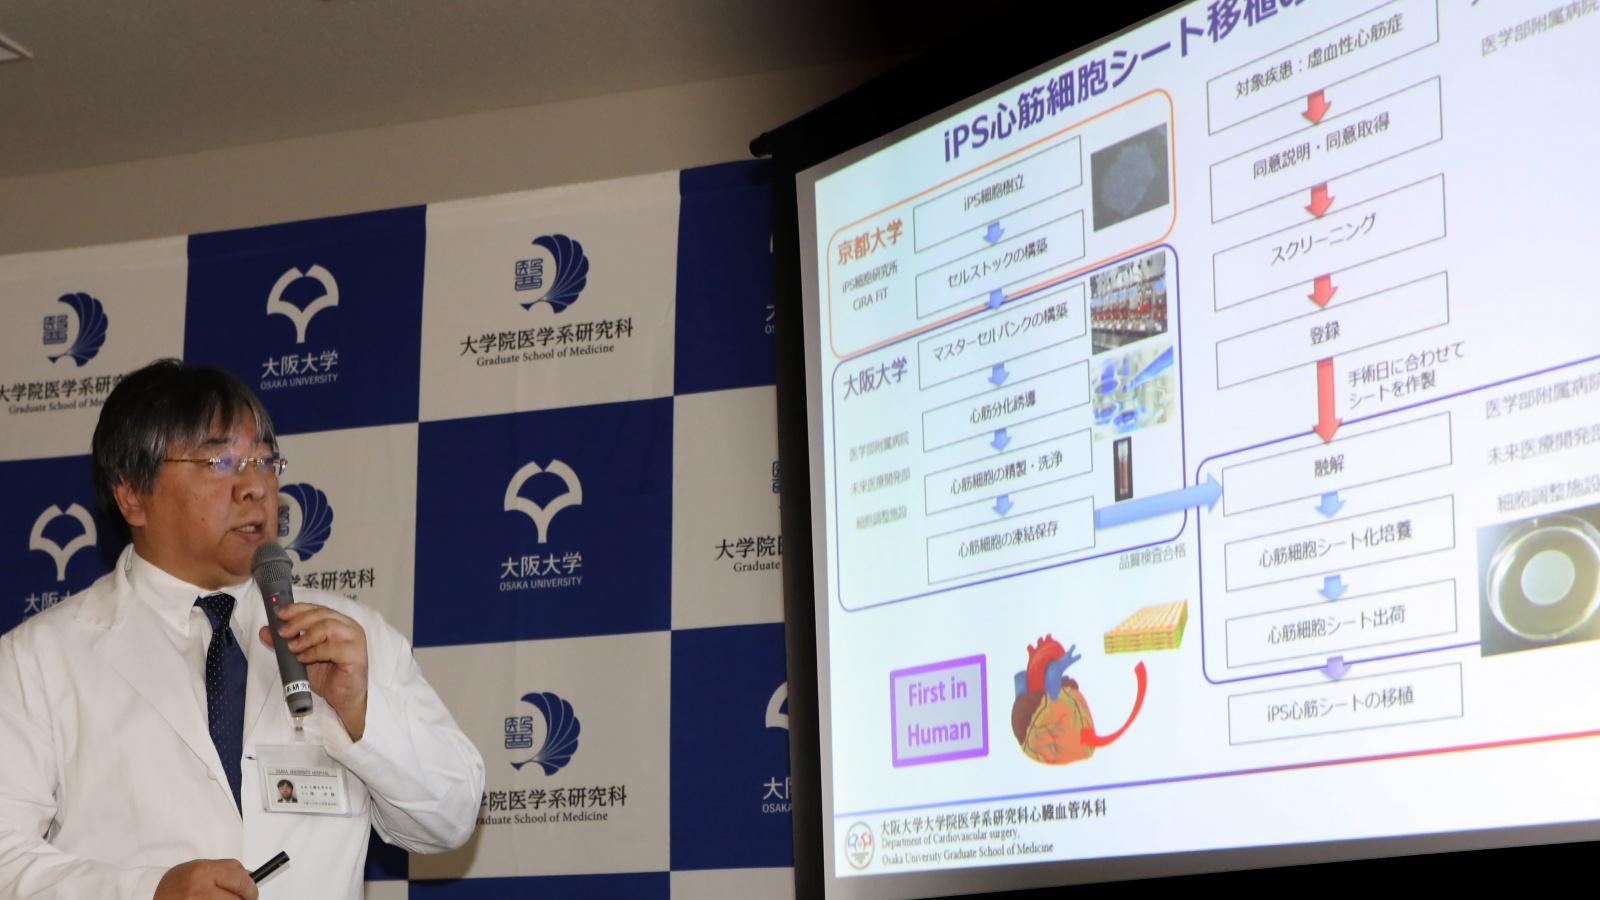 В Японии анонсировали клинические испытания биоинженерной заплатки на сердце - 1